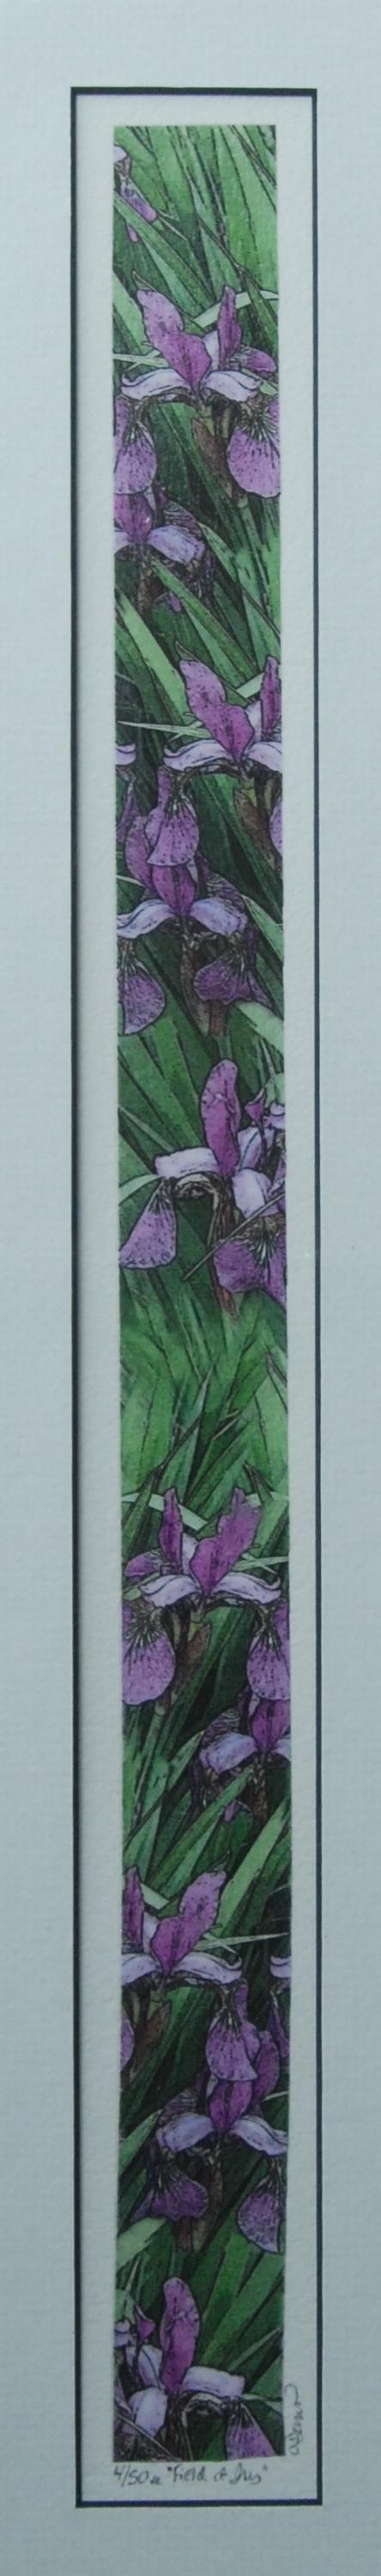 Field of Iris -Dunn-7x24-$200.jpg